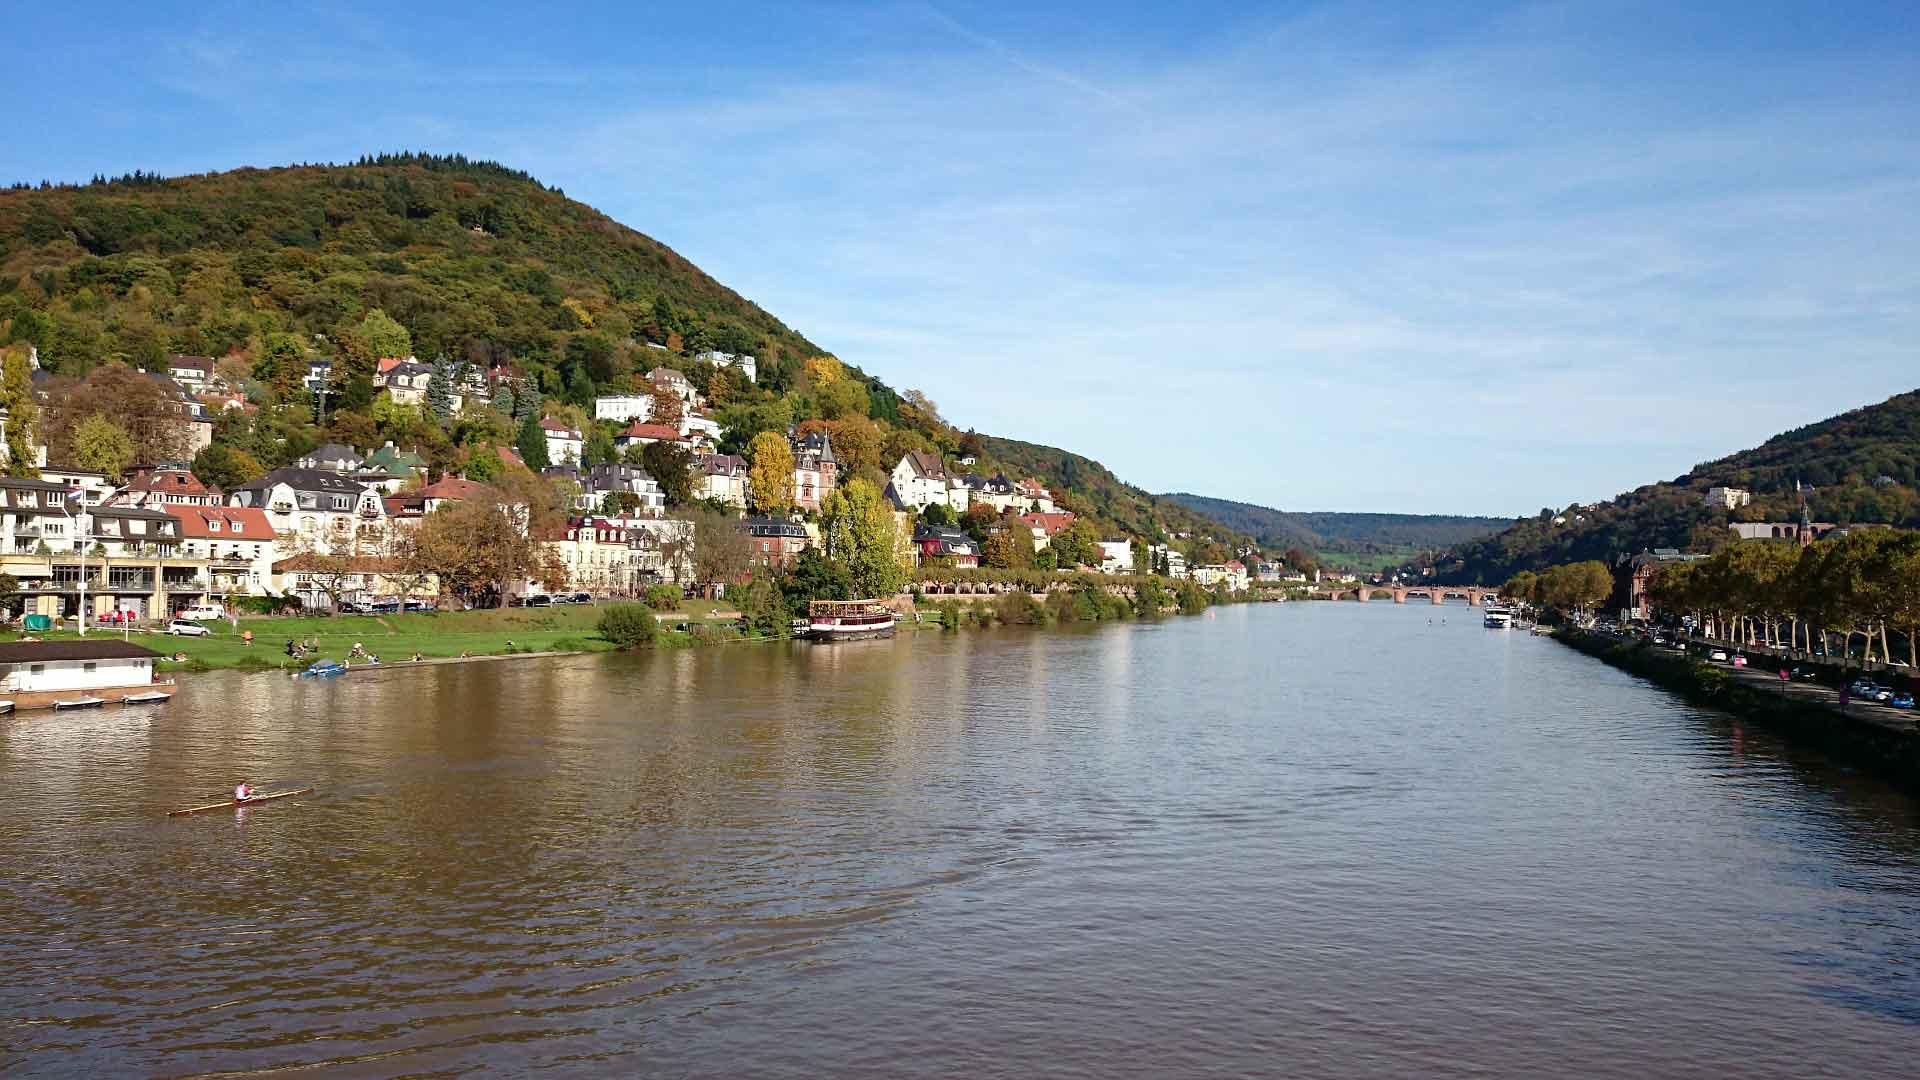 Heidelberg ligt prachtig ingebed in het dal van de Neckar.